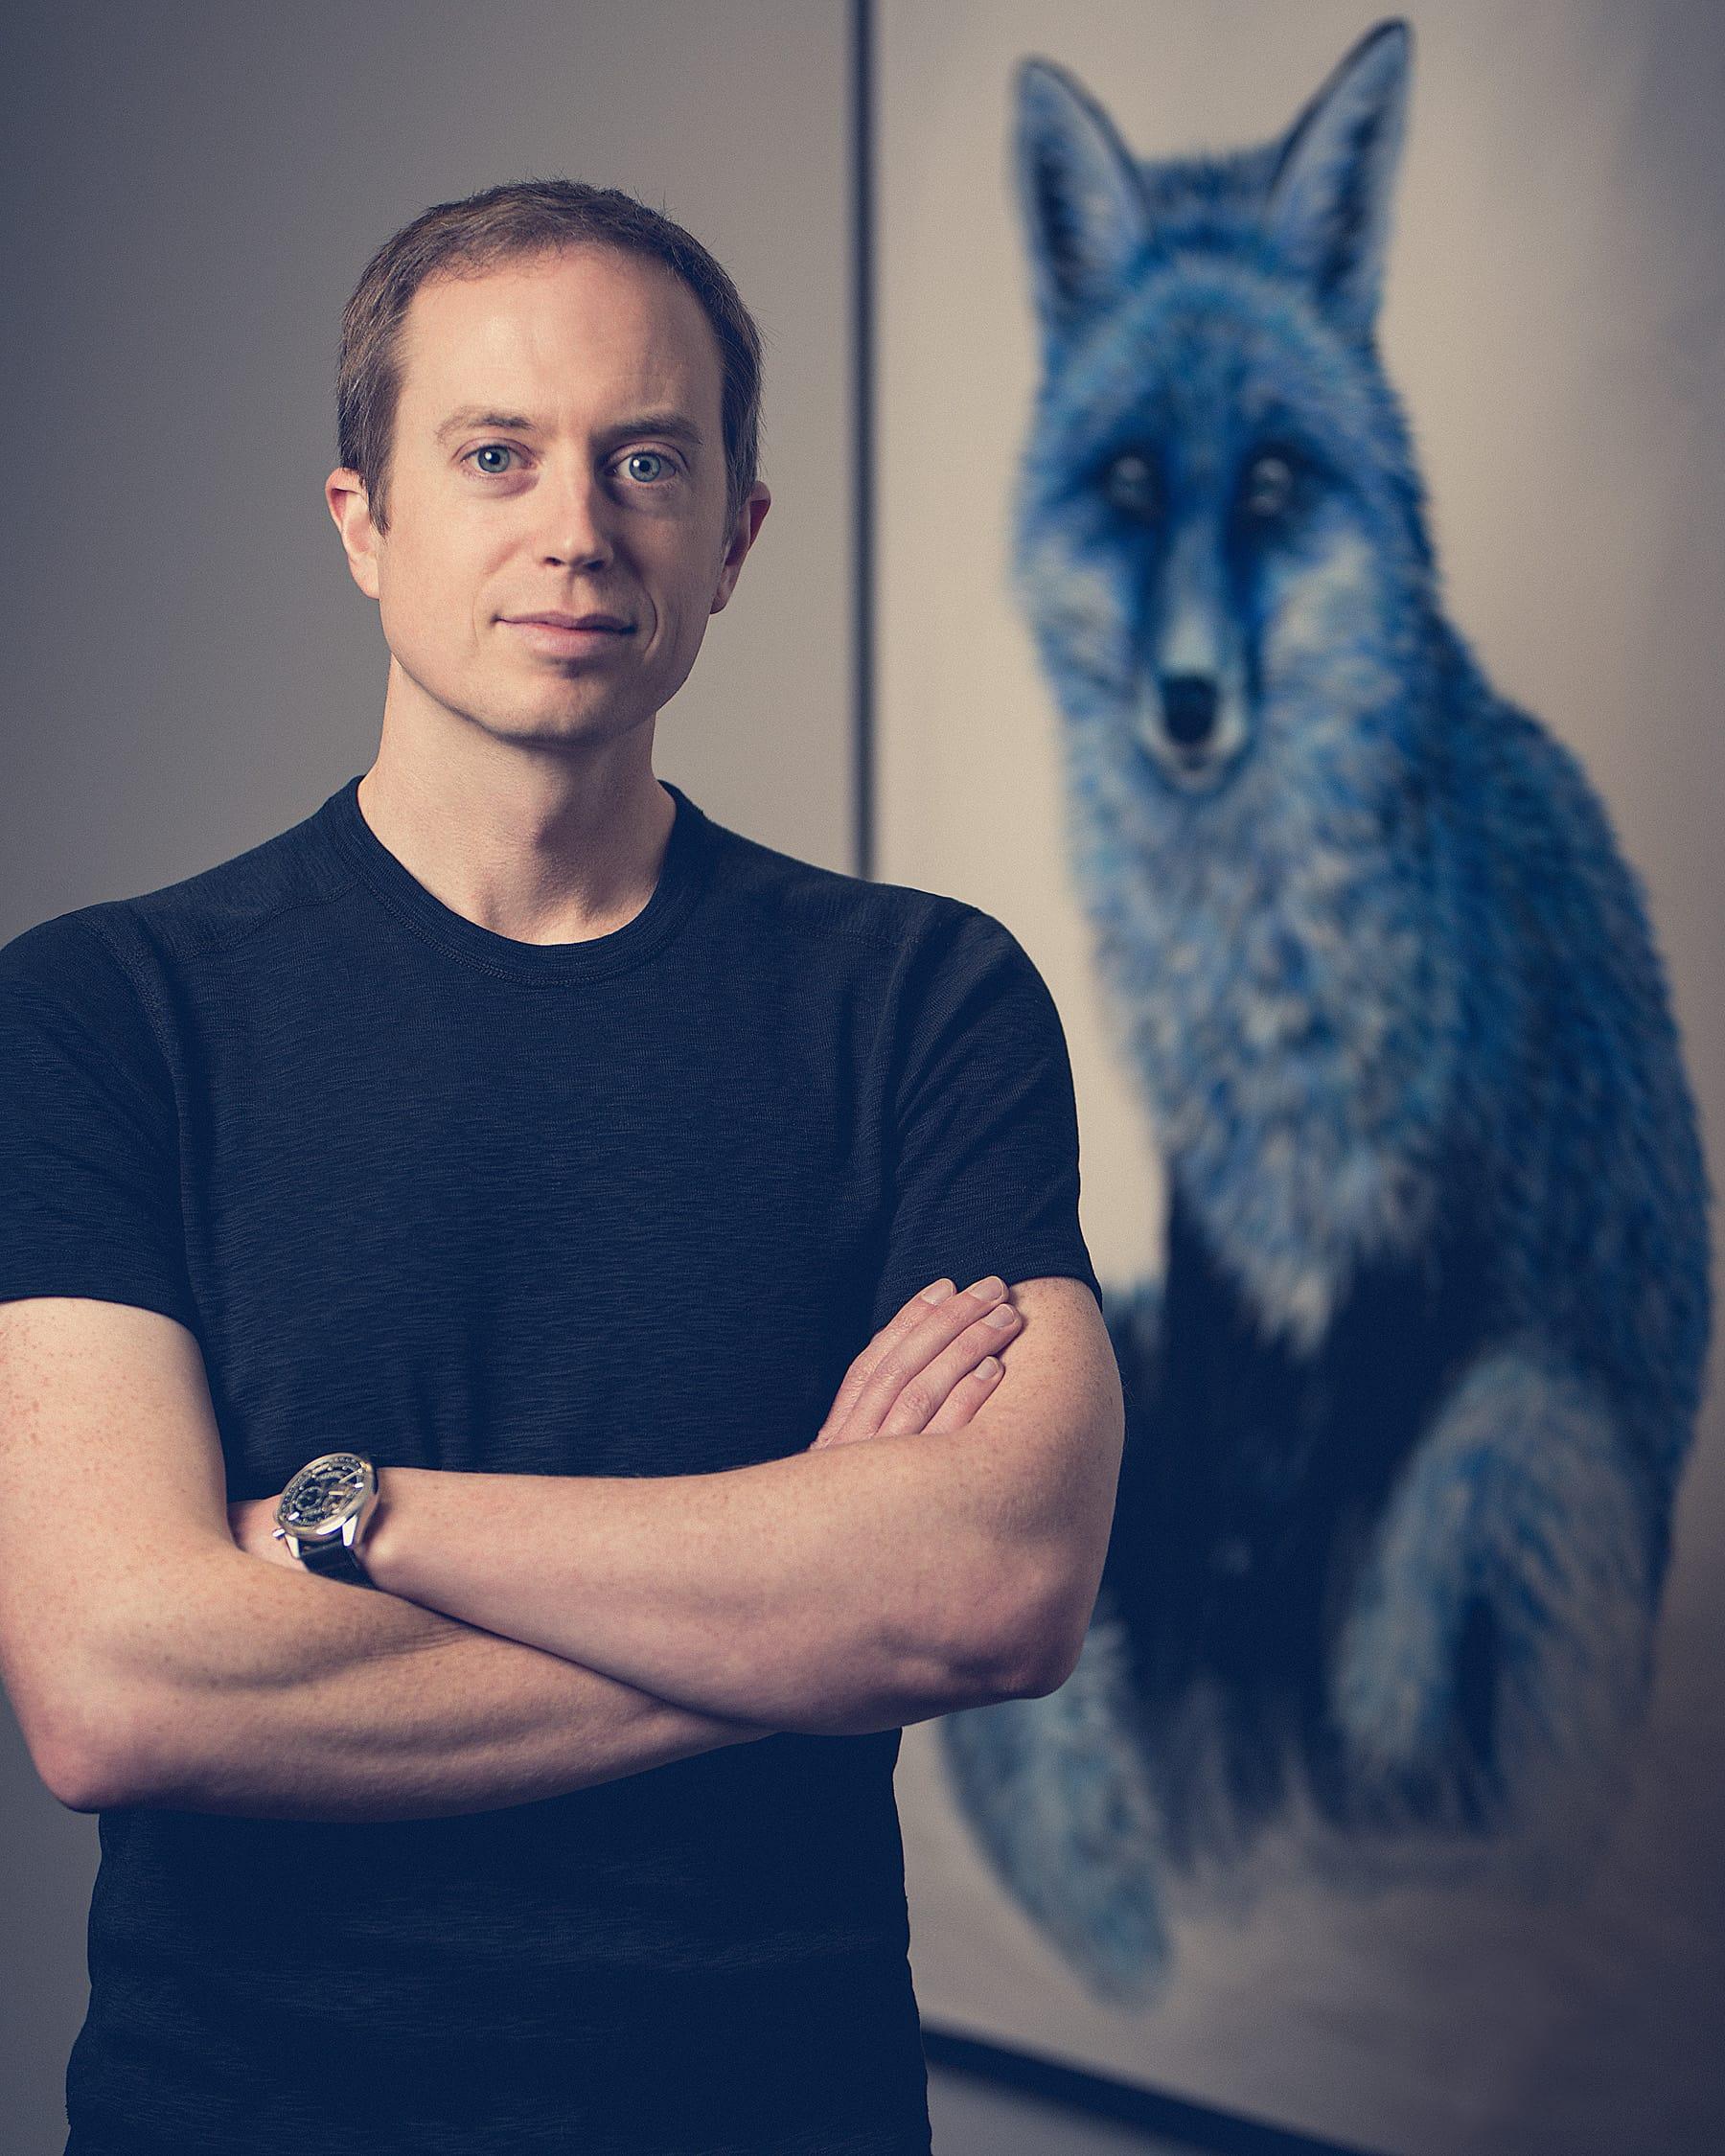 CEO del exchange ShapeShift expresa que la volatilidad del criptomercado es un fenómeno necesario